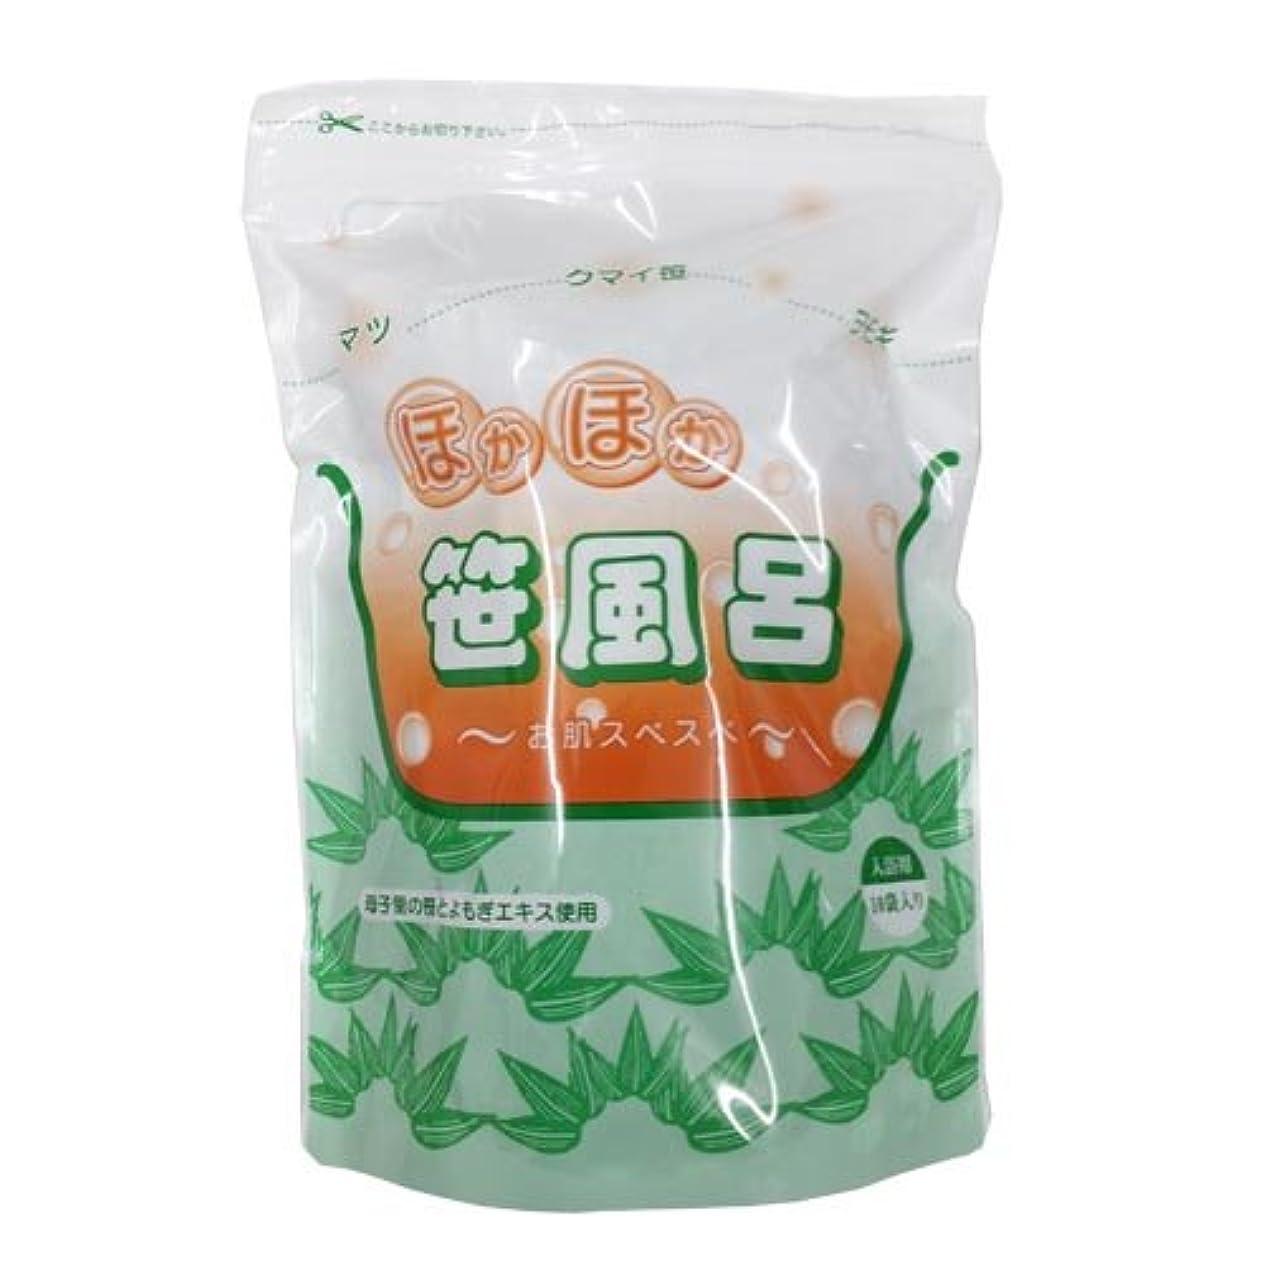 パブ分解する特権ほかほか笹風呂 20g×10袋